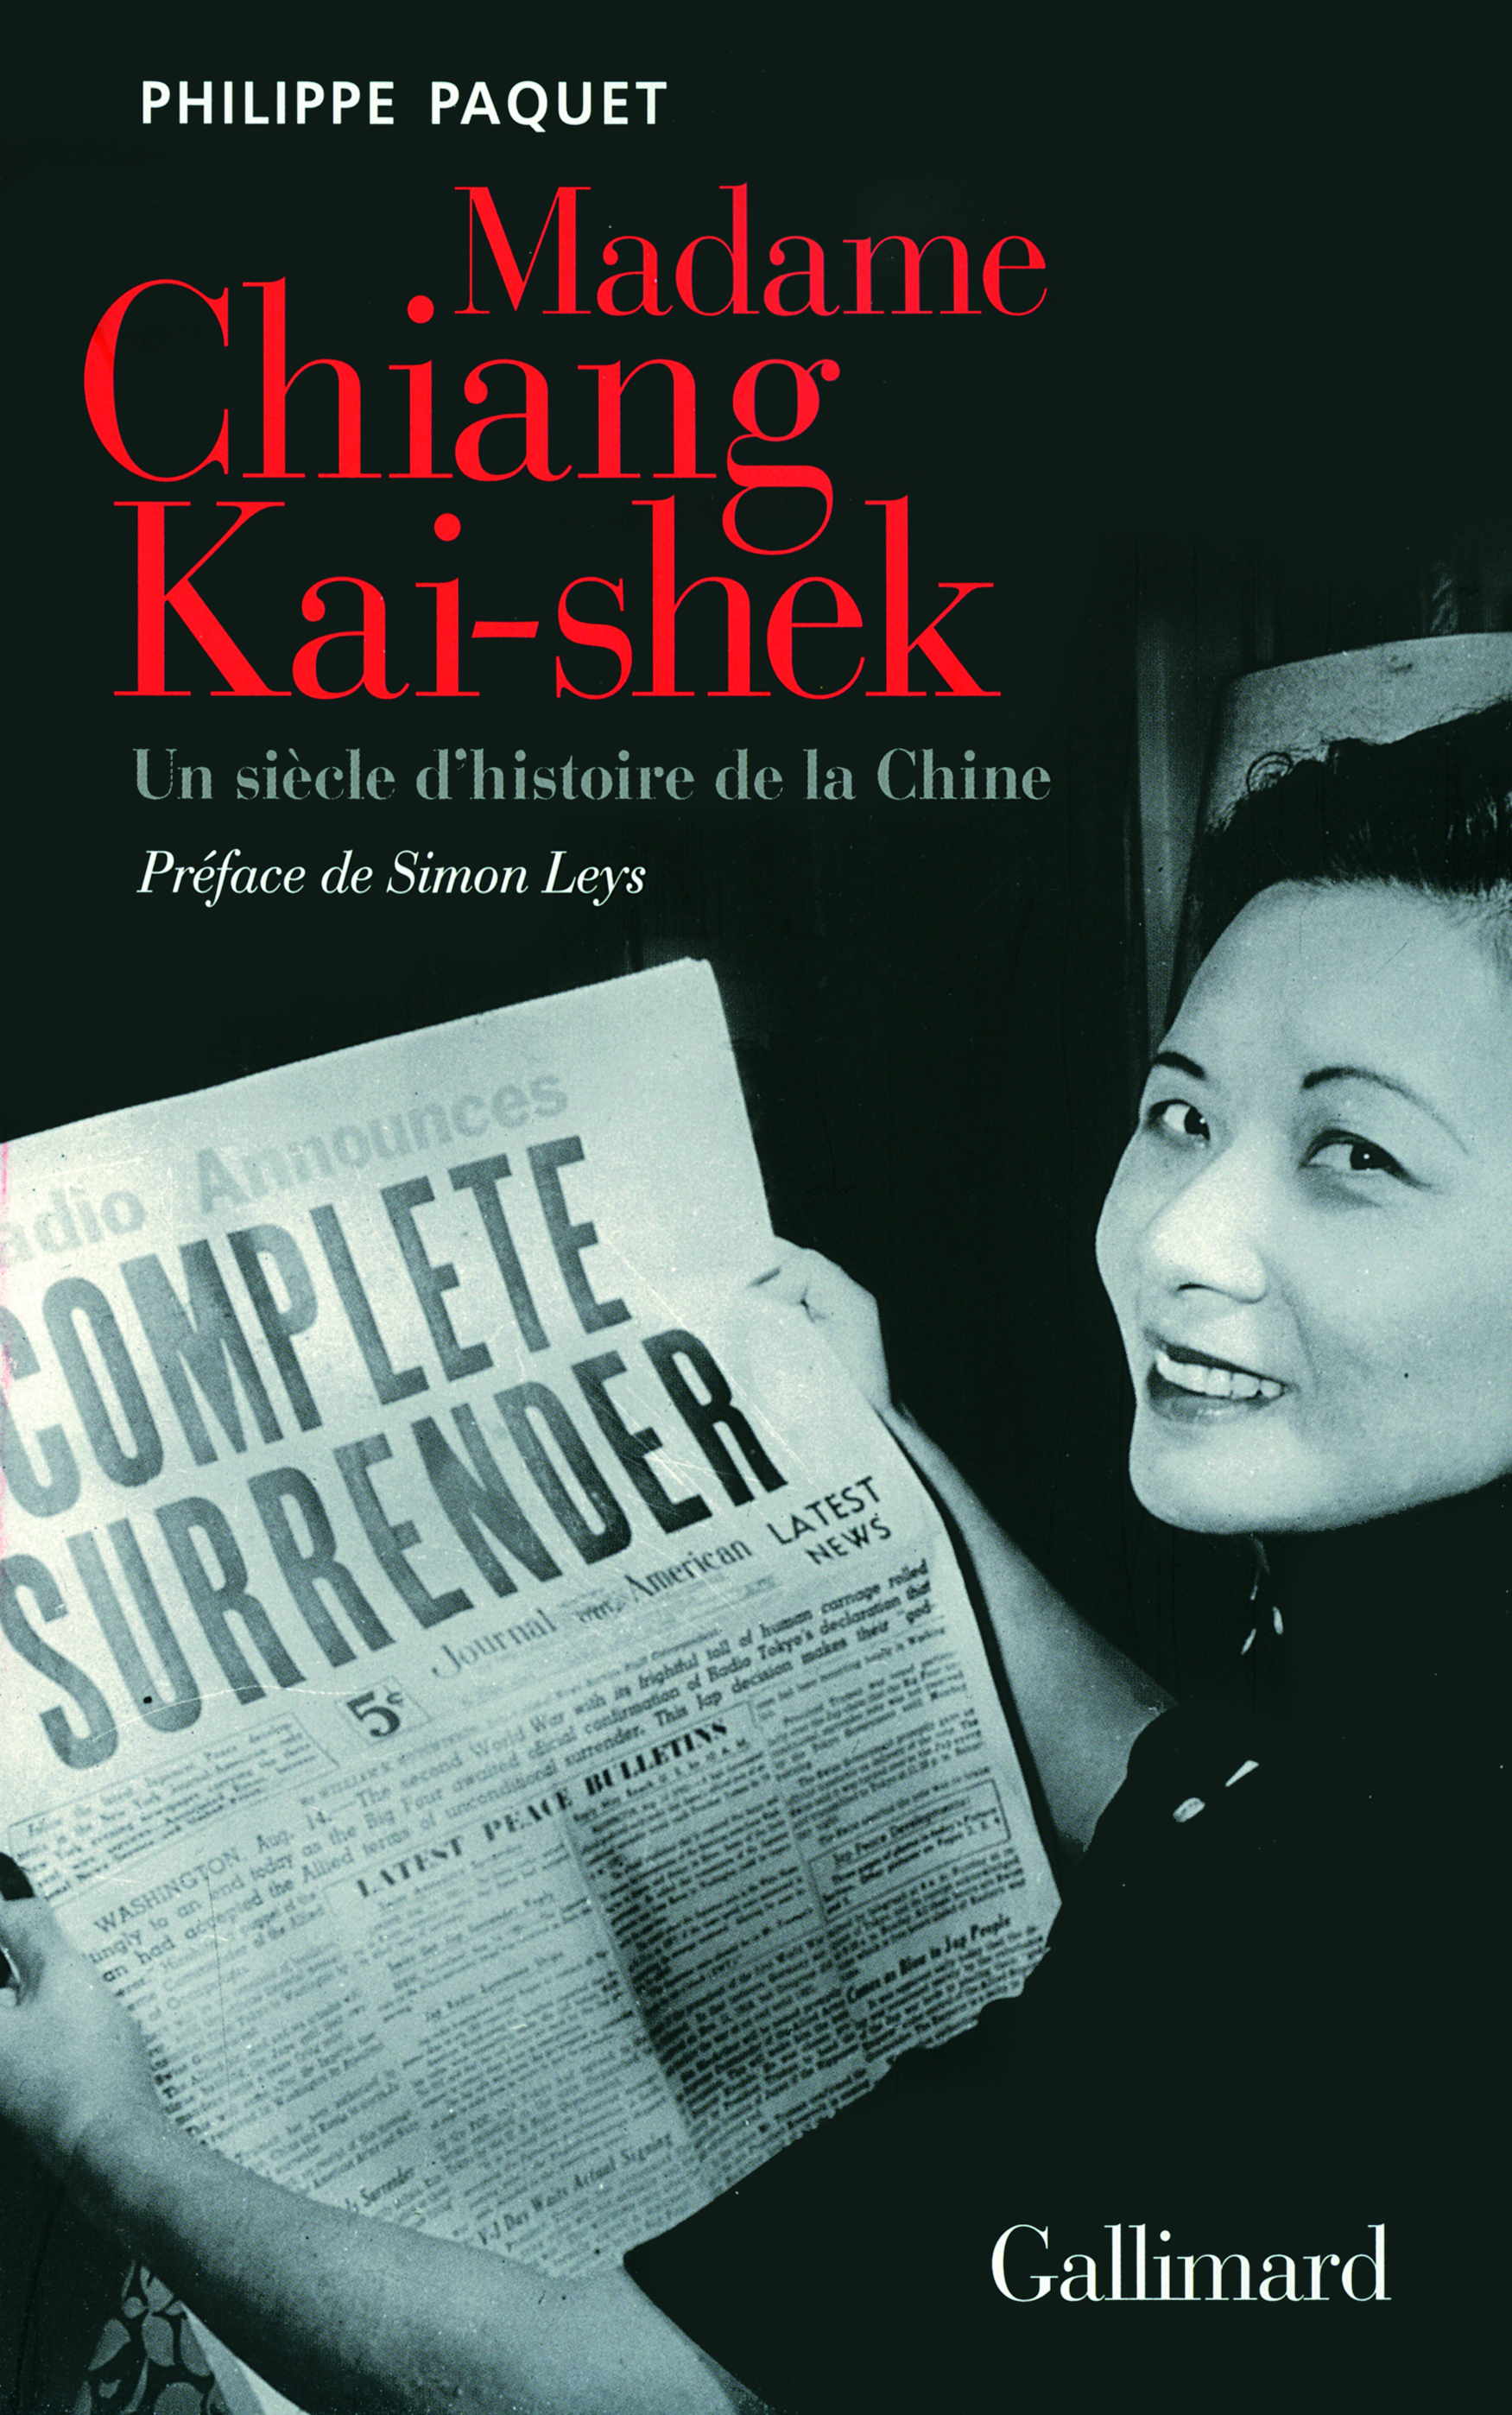 MADAME CHIANG KAI-SHEK - UN SIECLE D'HISTOIRE DE LA CHINE